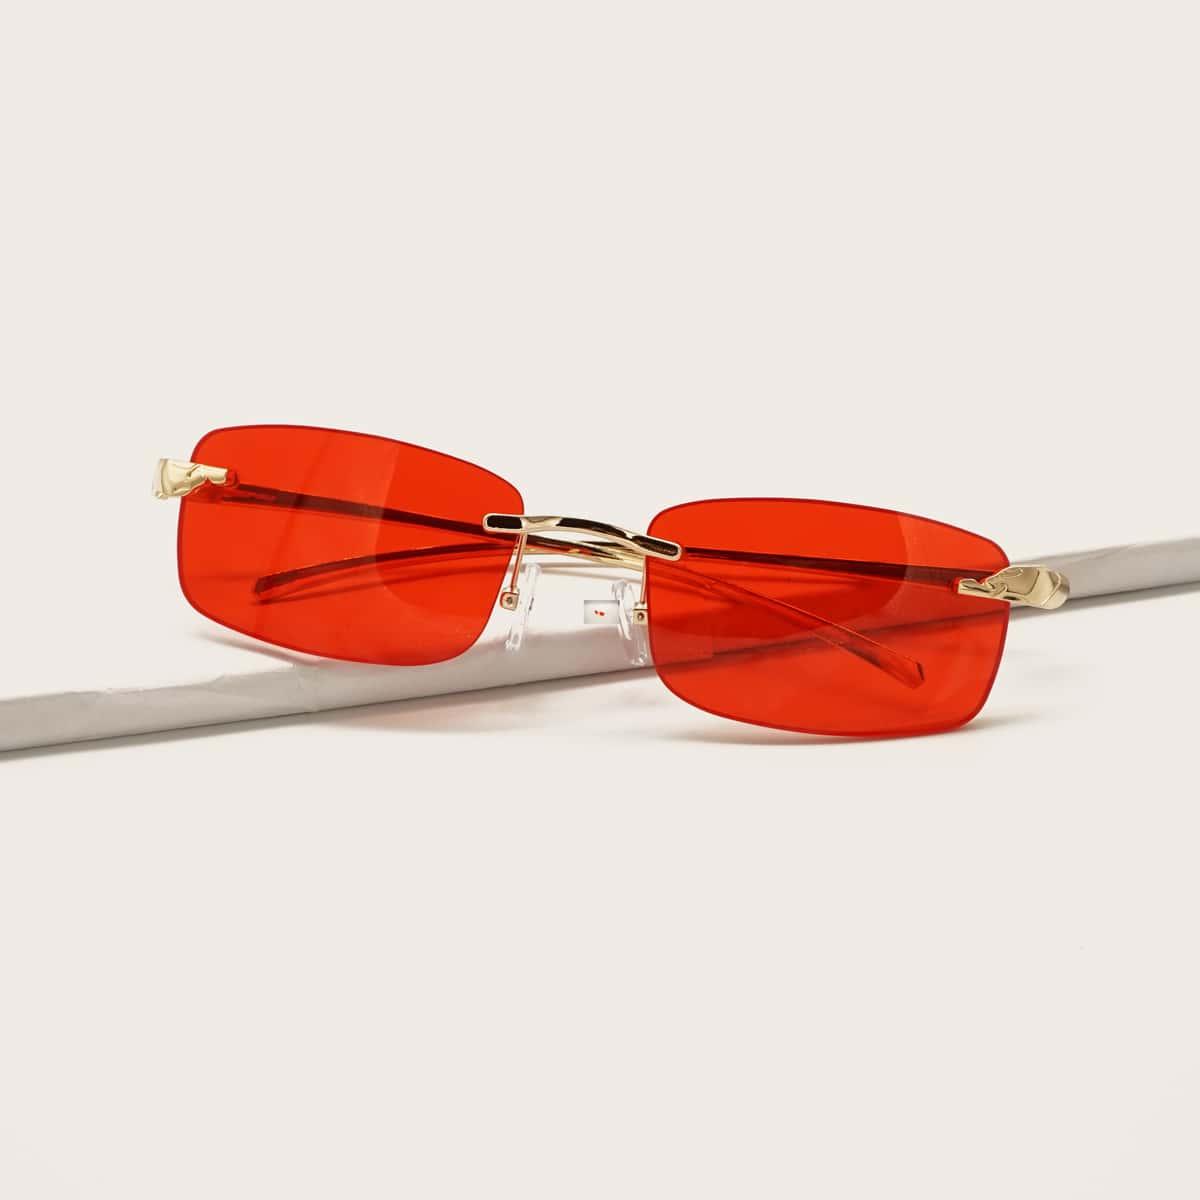 Прямоугольные солнечные очки без рамки